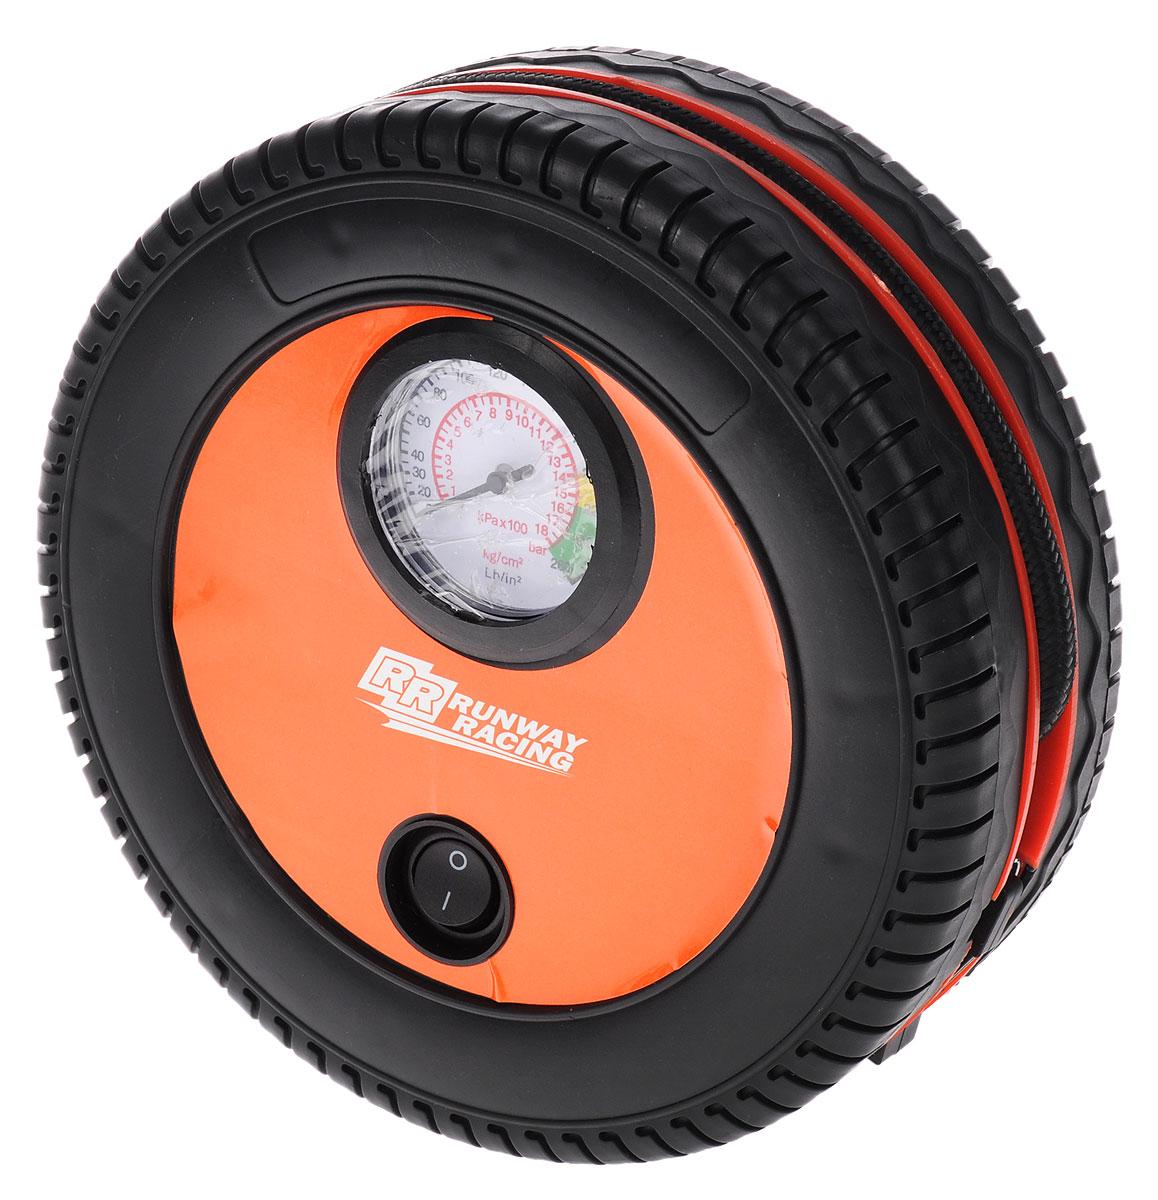 Компрессор автомобильный Runway Racing, 12В. RR131DW40LКомпрессор Runway Racing подходит для автомобильных и велосипедных шин, для матрасов и лодок и других надувных изделий из резины. Он мощный, компактный и удобный в использовании. Компрессор выполнен из прочного пластика в виде колеса. Шланг и кабель питания убираются в кабель, что обеспечивает компактное хранение изделия. Питается компрессор от автомобильной сети 12В.В комплекте насадки для накачивания различных резиновых предметов. Максимальное давление: 250 PSI (17 атм). Производительность: 18 л/мин. Вольтаж 12В. Время накачивания стандартной шины: 8 минут.